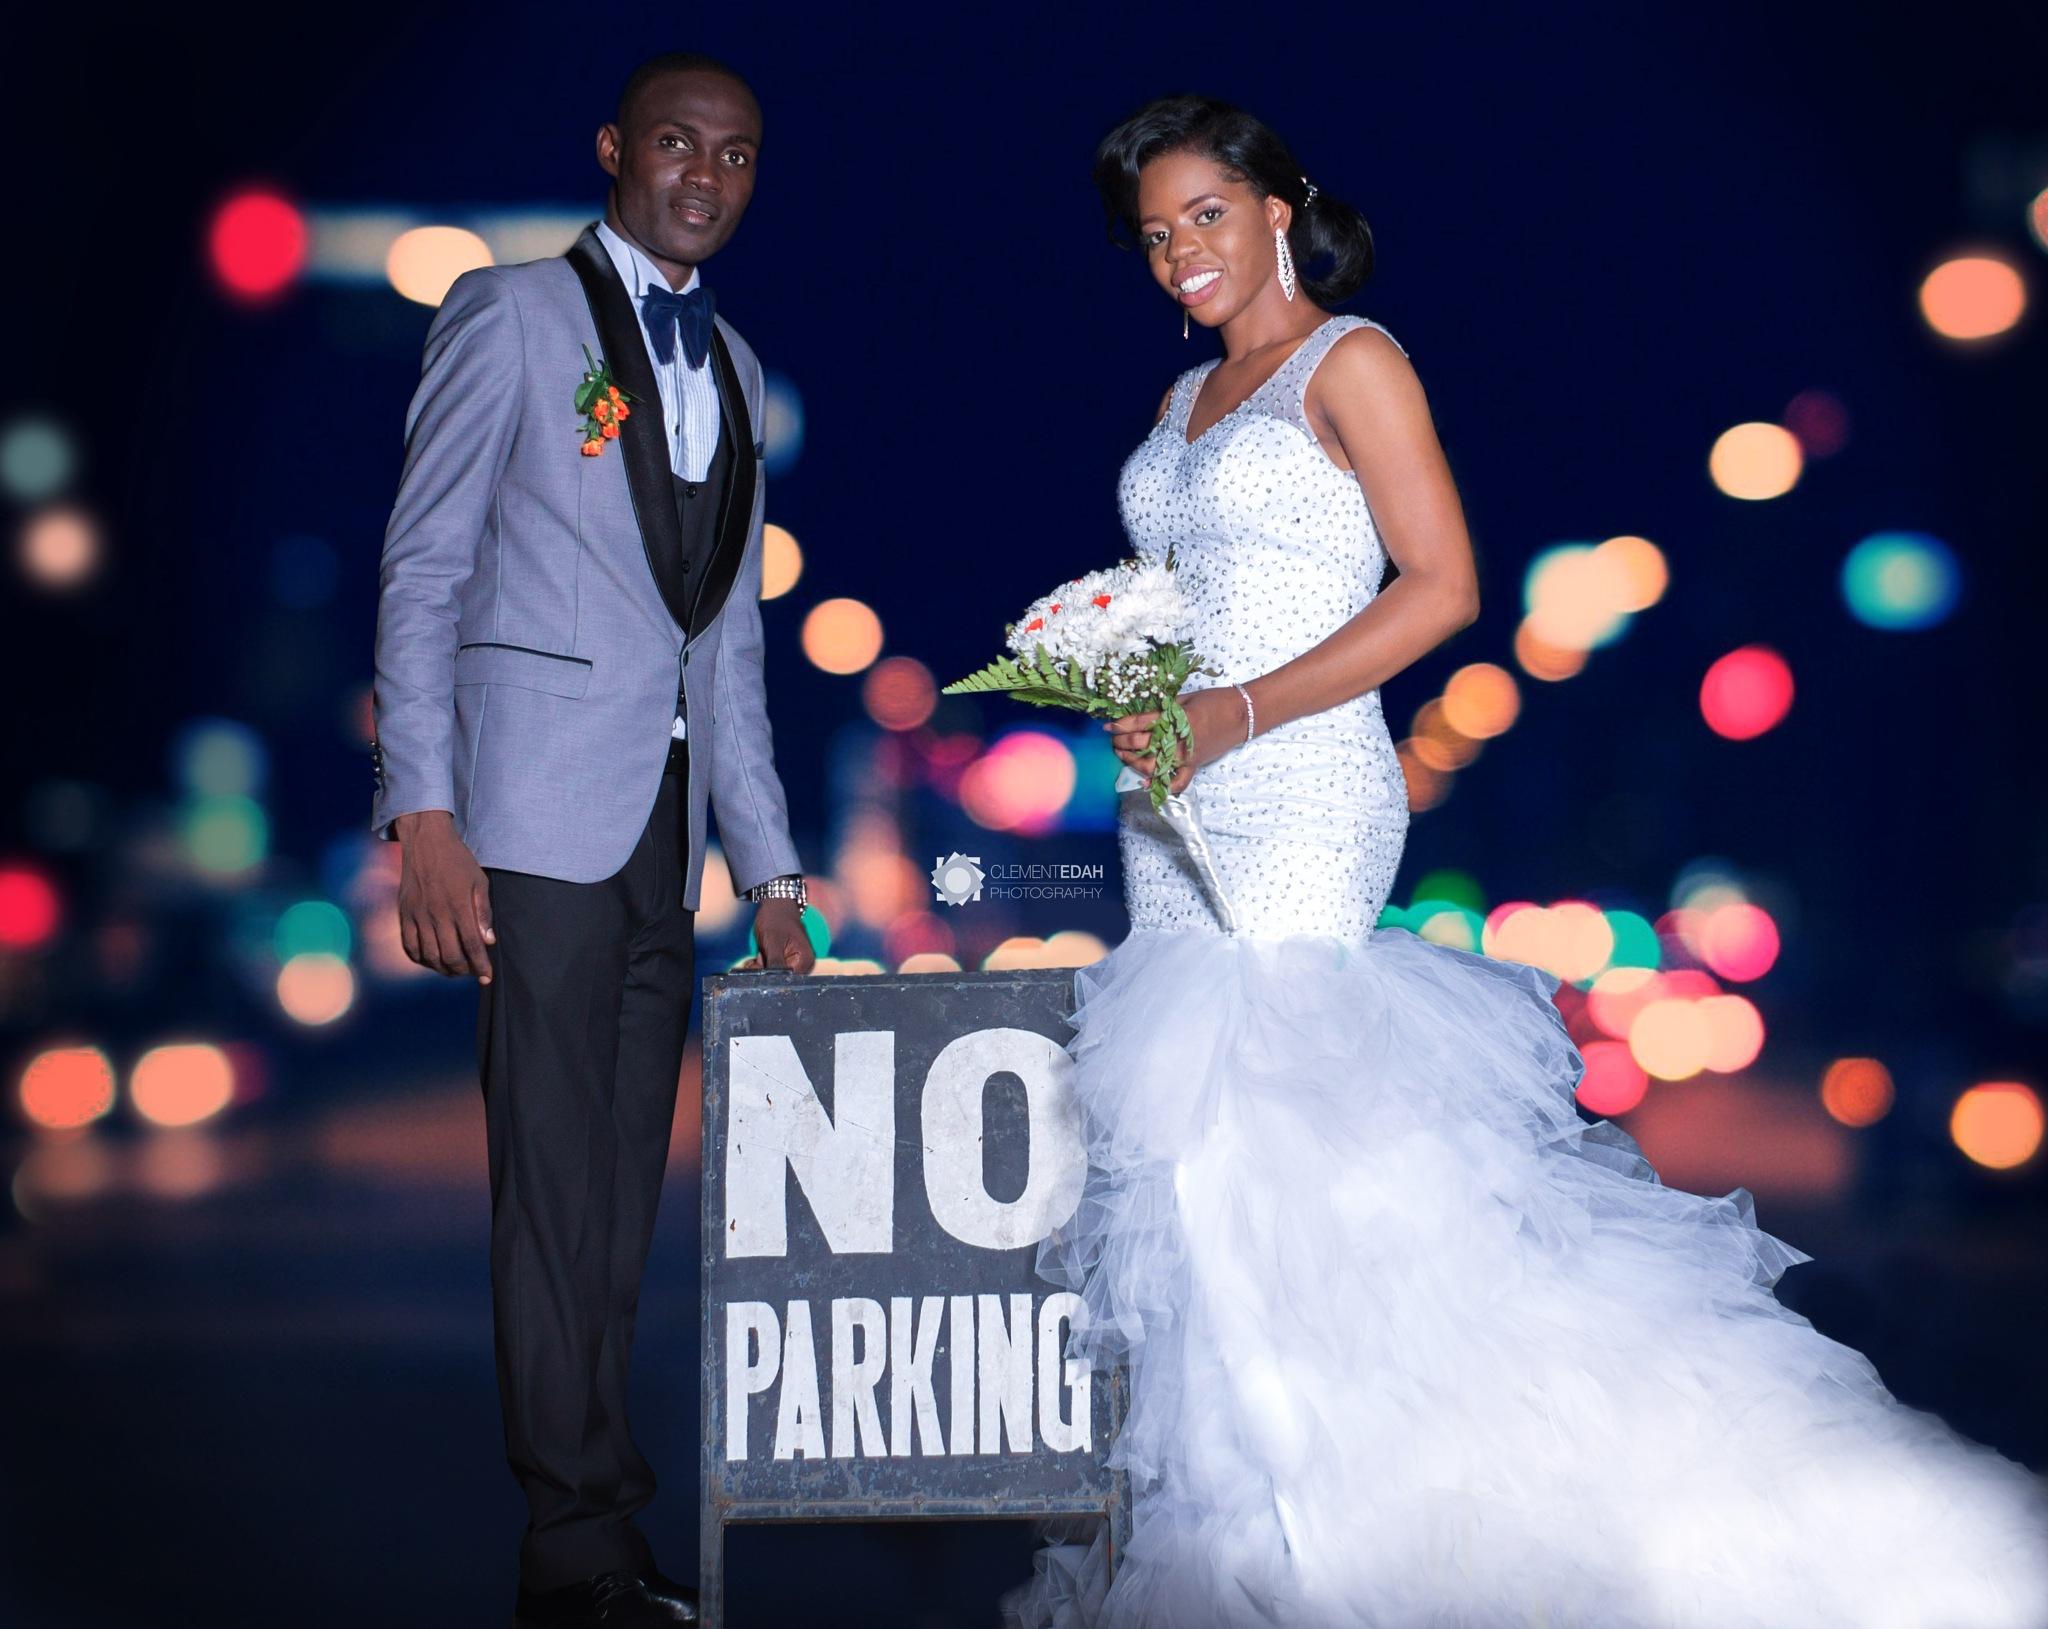 No parking  by Clement Edah